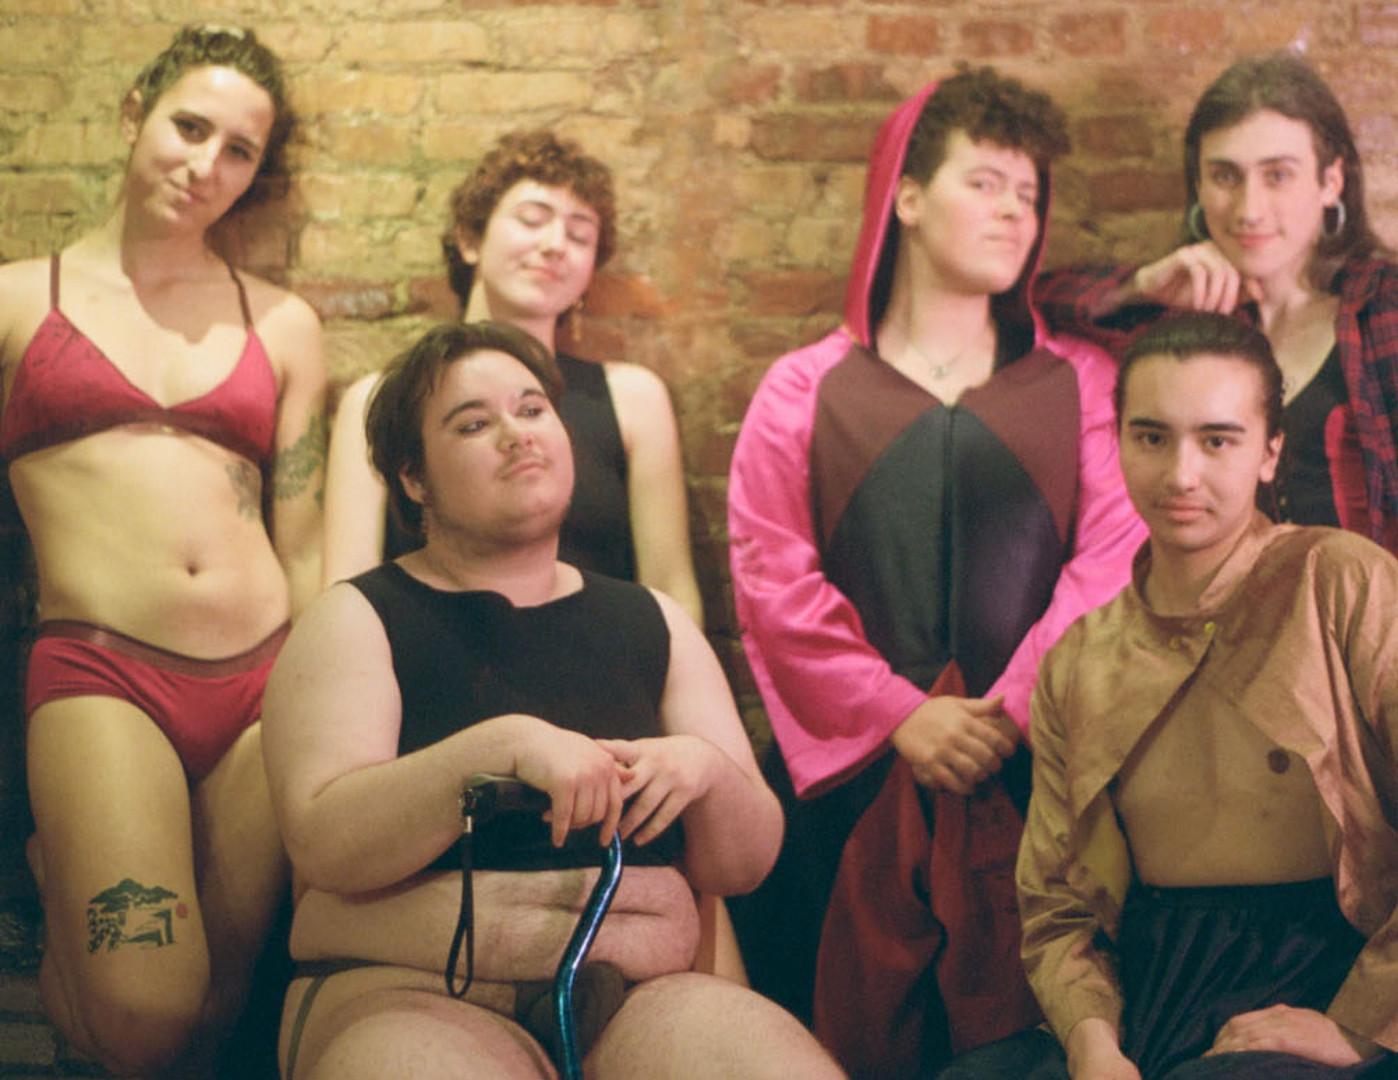 Gender Affirming Wear Group Shot